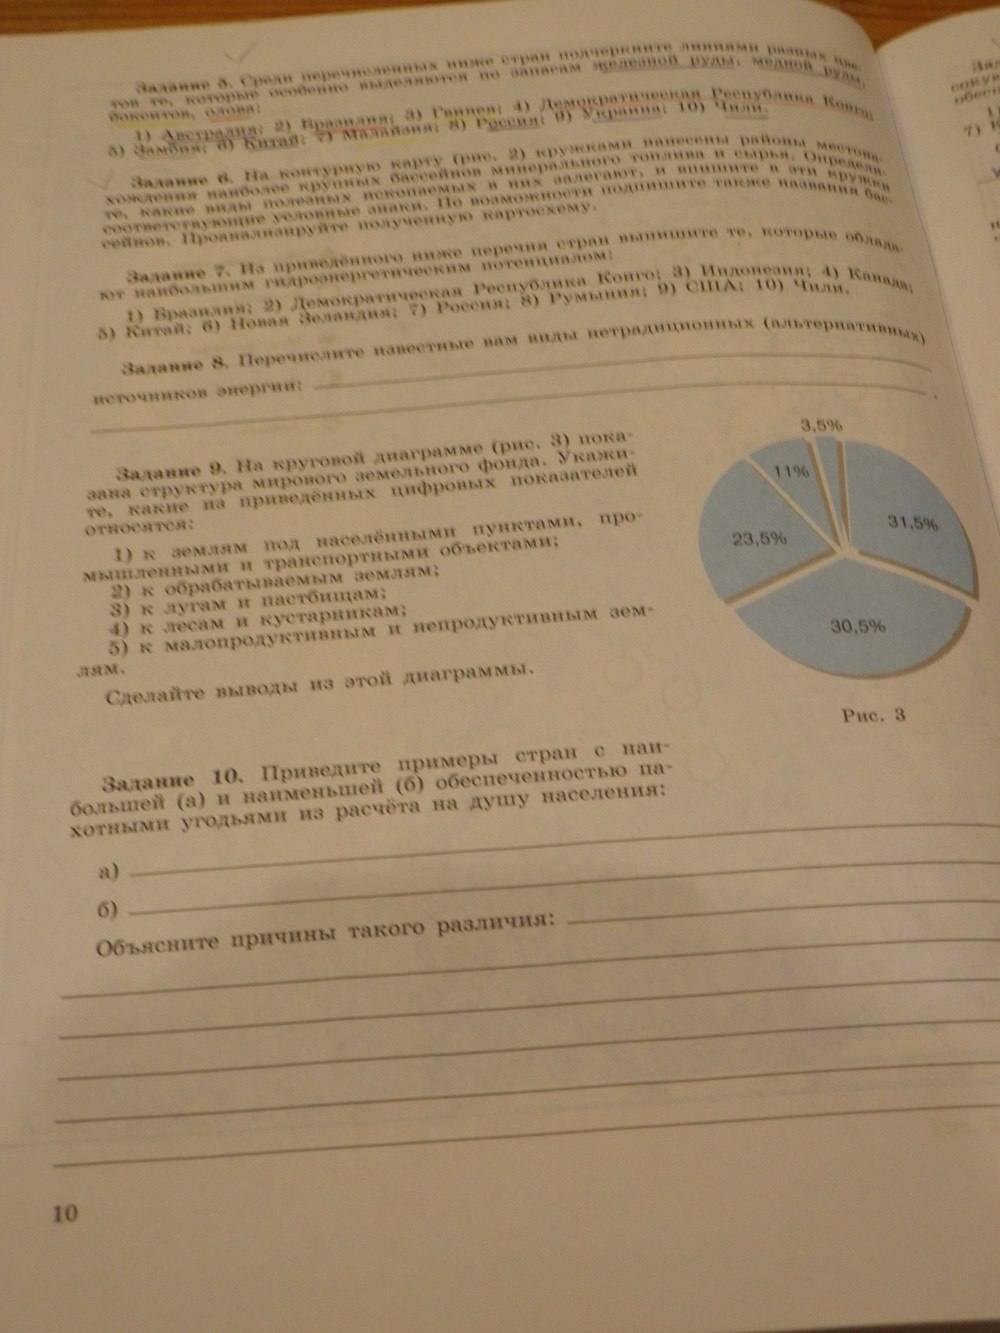 Максаковский географии ответы гдз учебнику по класс по на вопросы 10